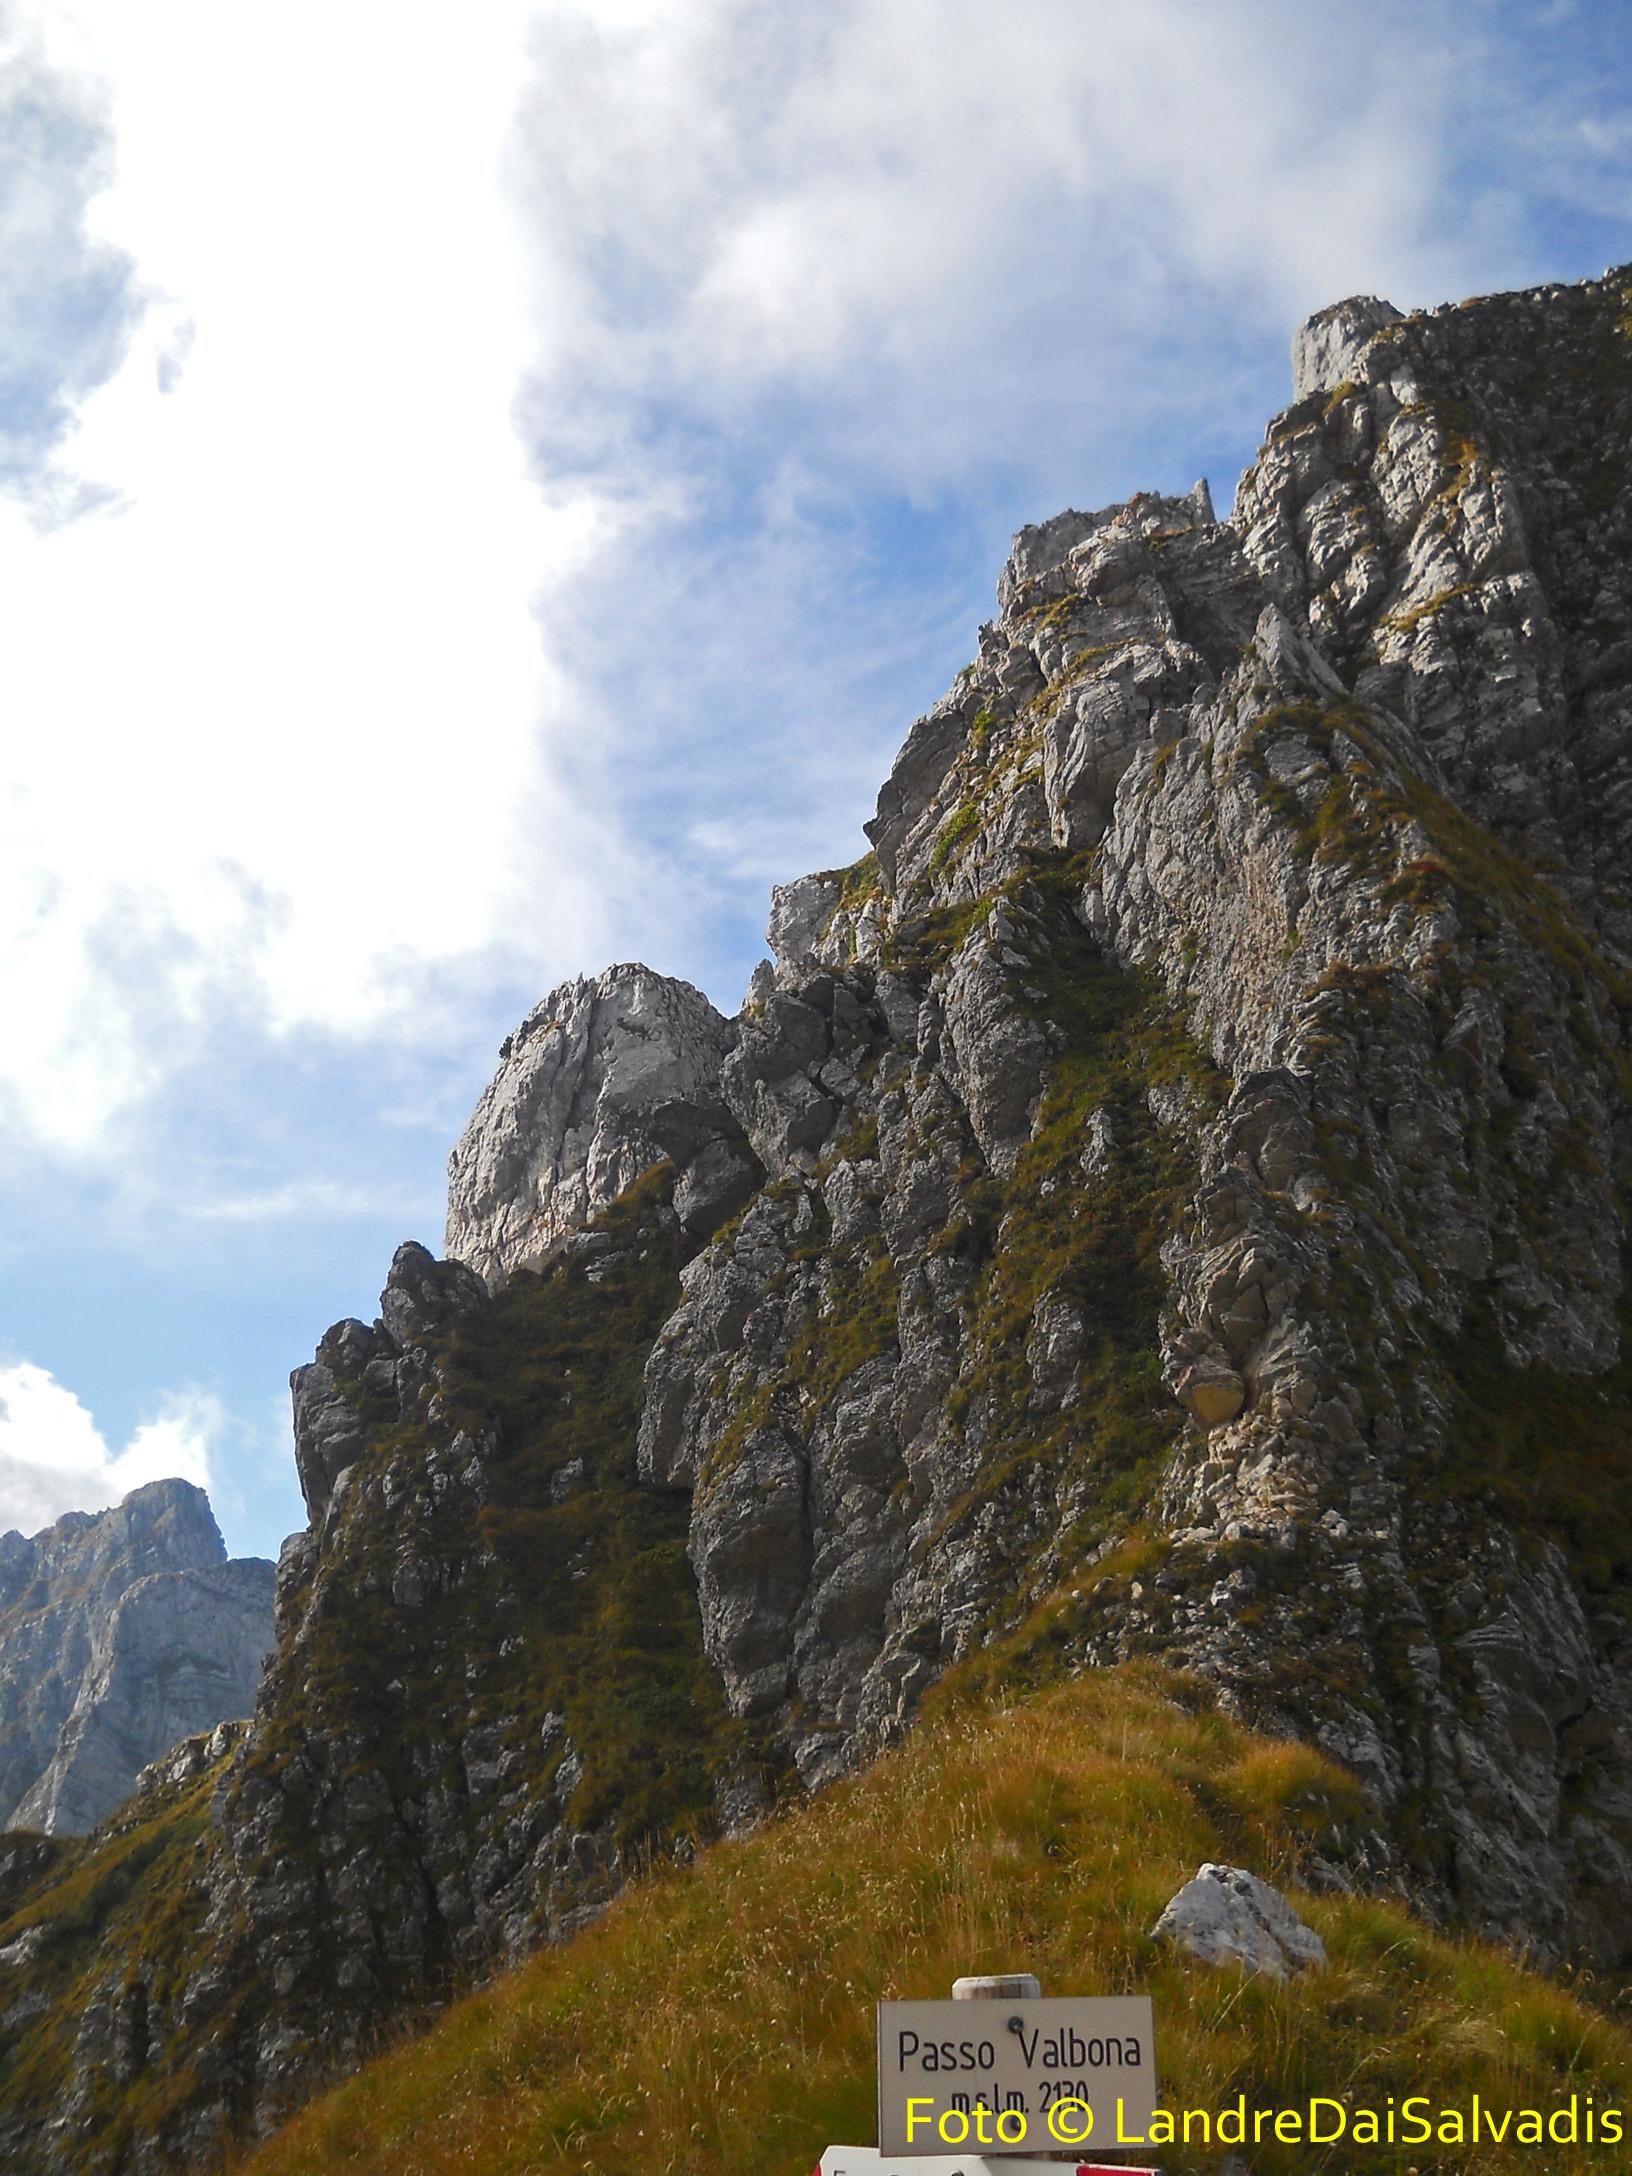 Passo Valbona